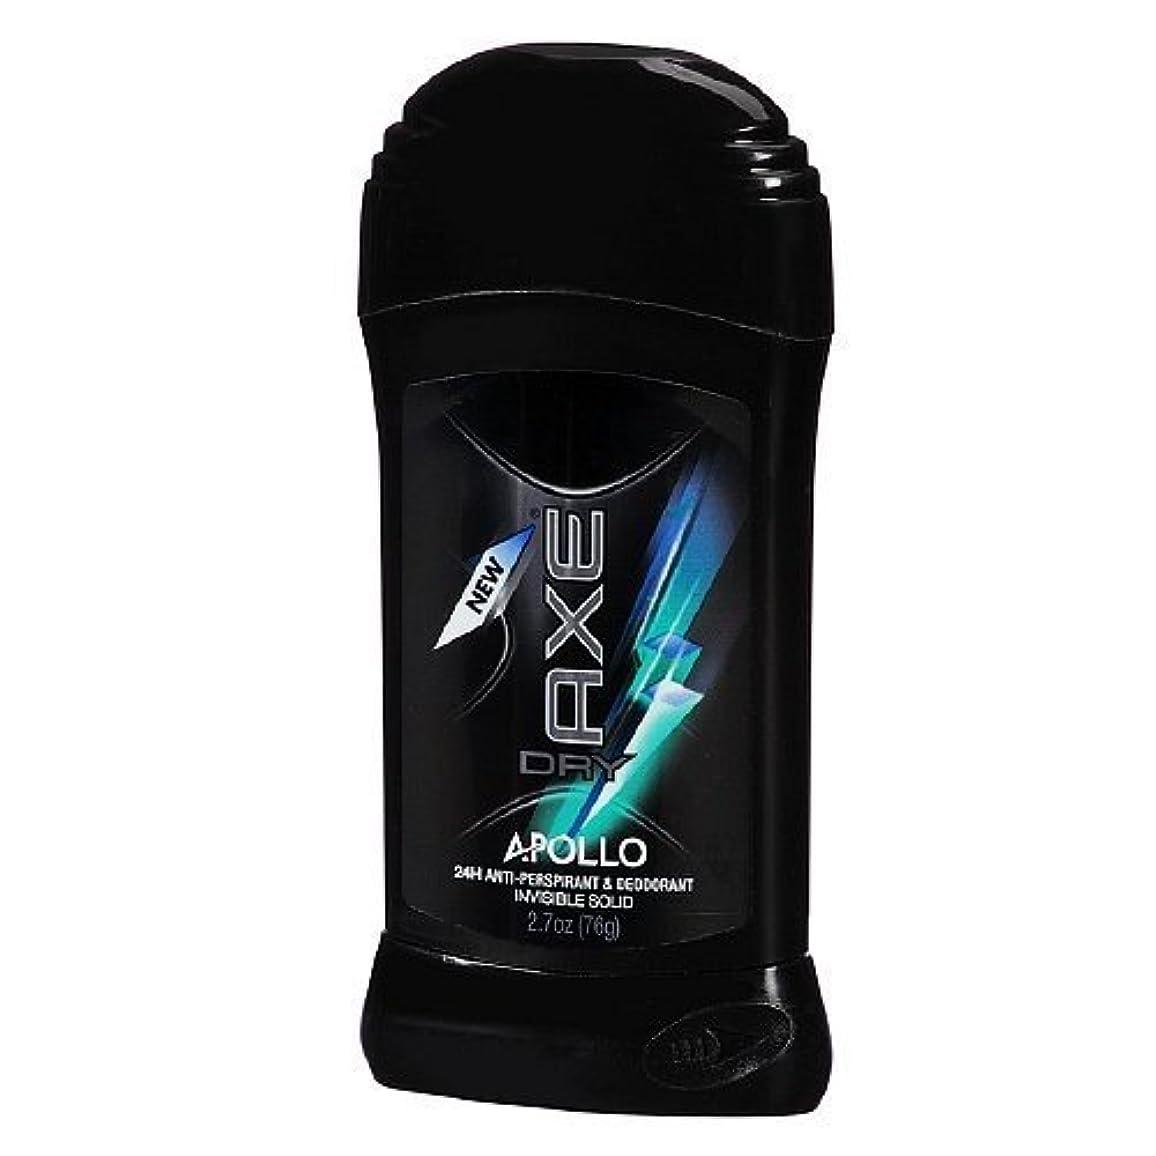 に対して反論者引くAxe Dry Antiperspirant Deodorant - Apollo - Invisible Solid - Net Wt. 2.7 OZ Each - Pack of 3 by Unilever [並行輸入品]